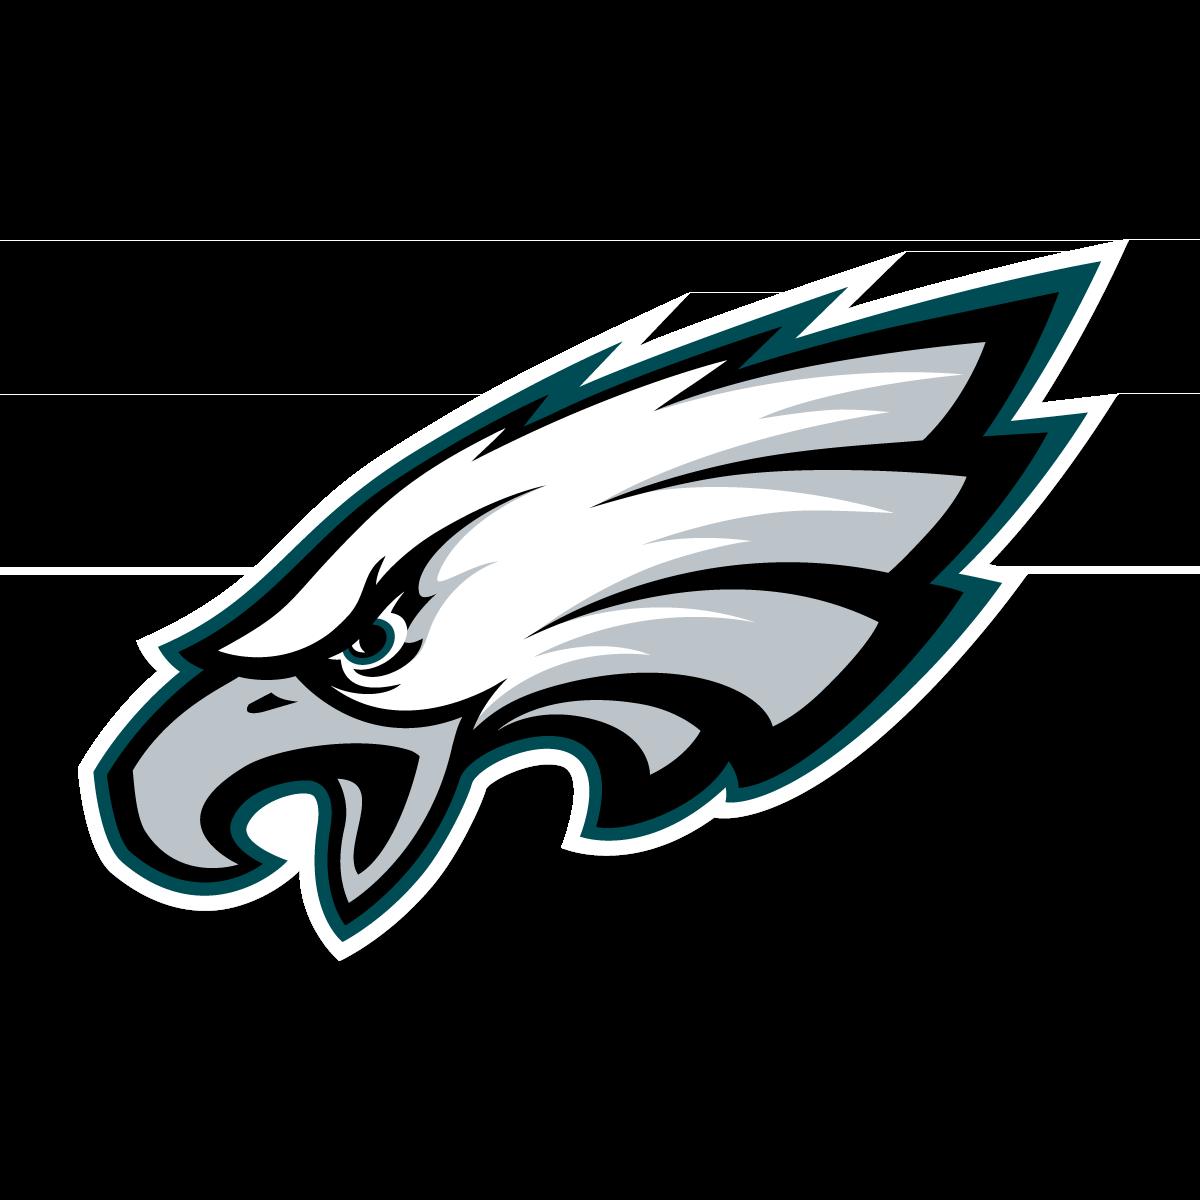 2017 Week 16 NFL